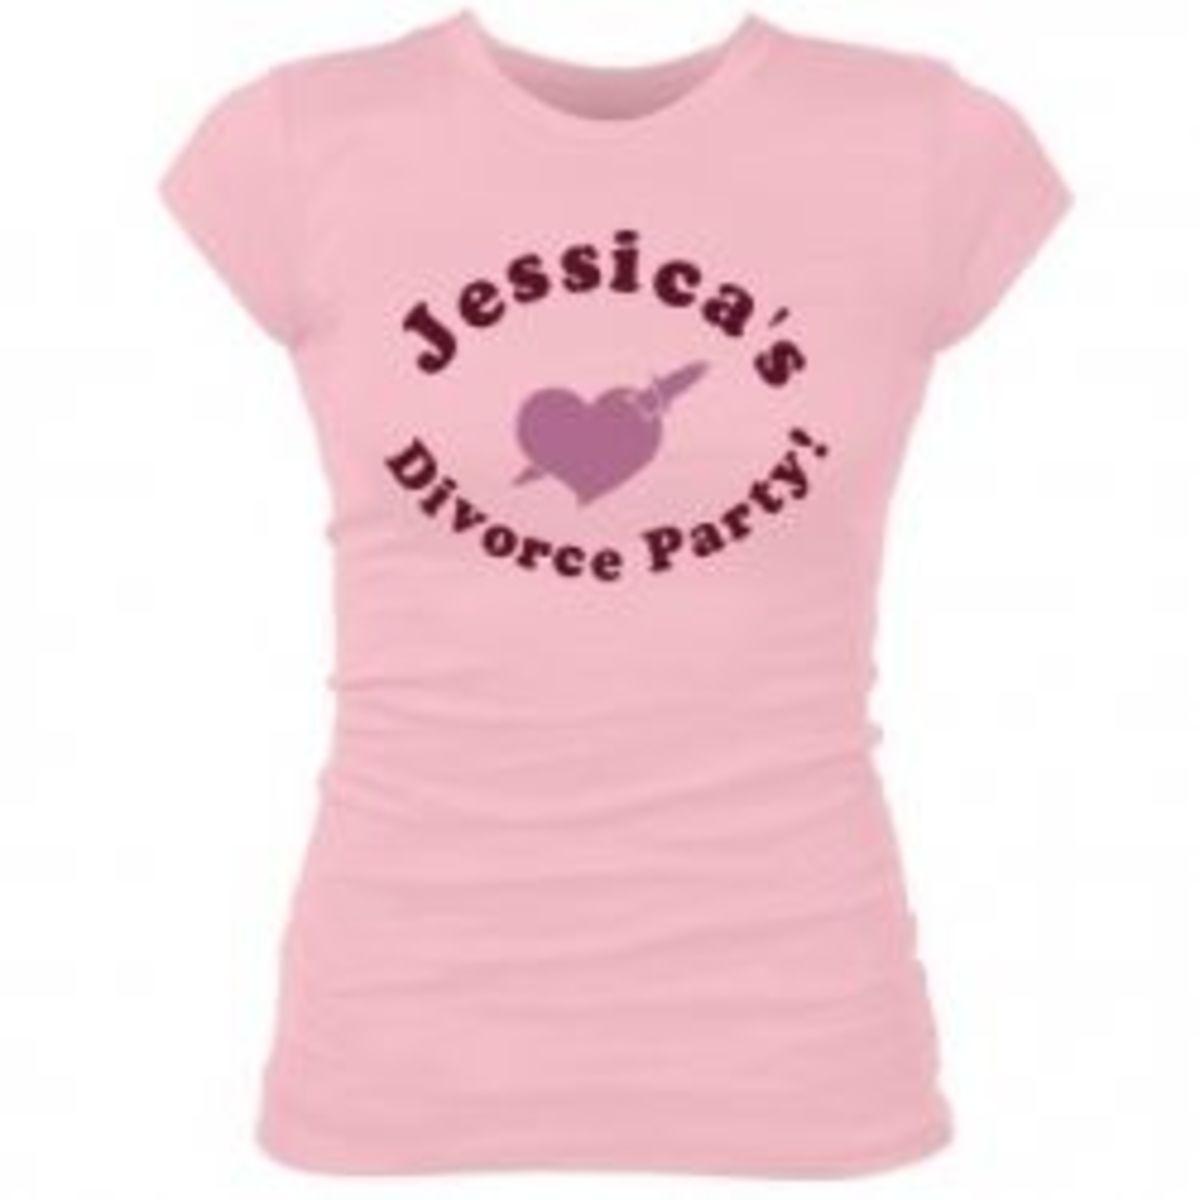 Divorce Party T Shirt